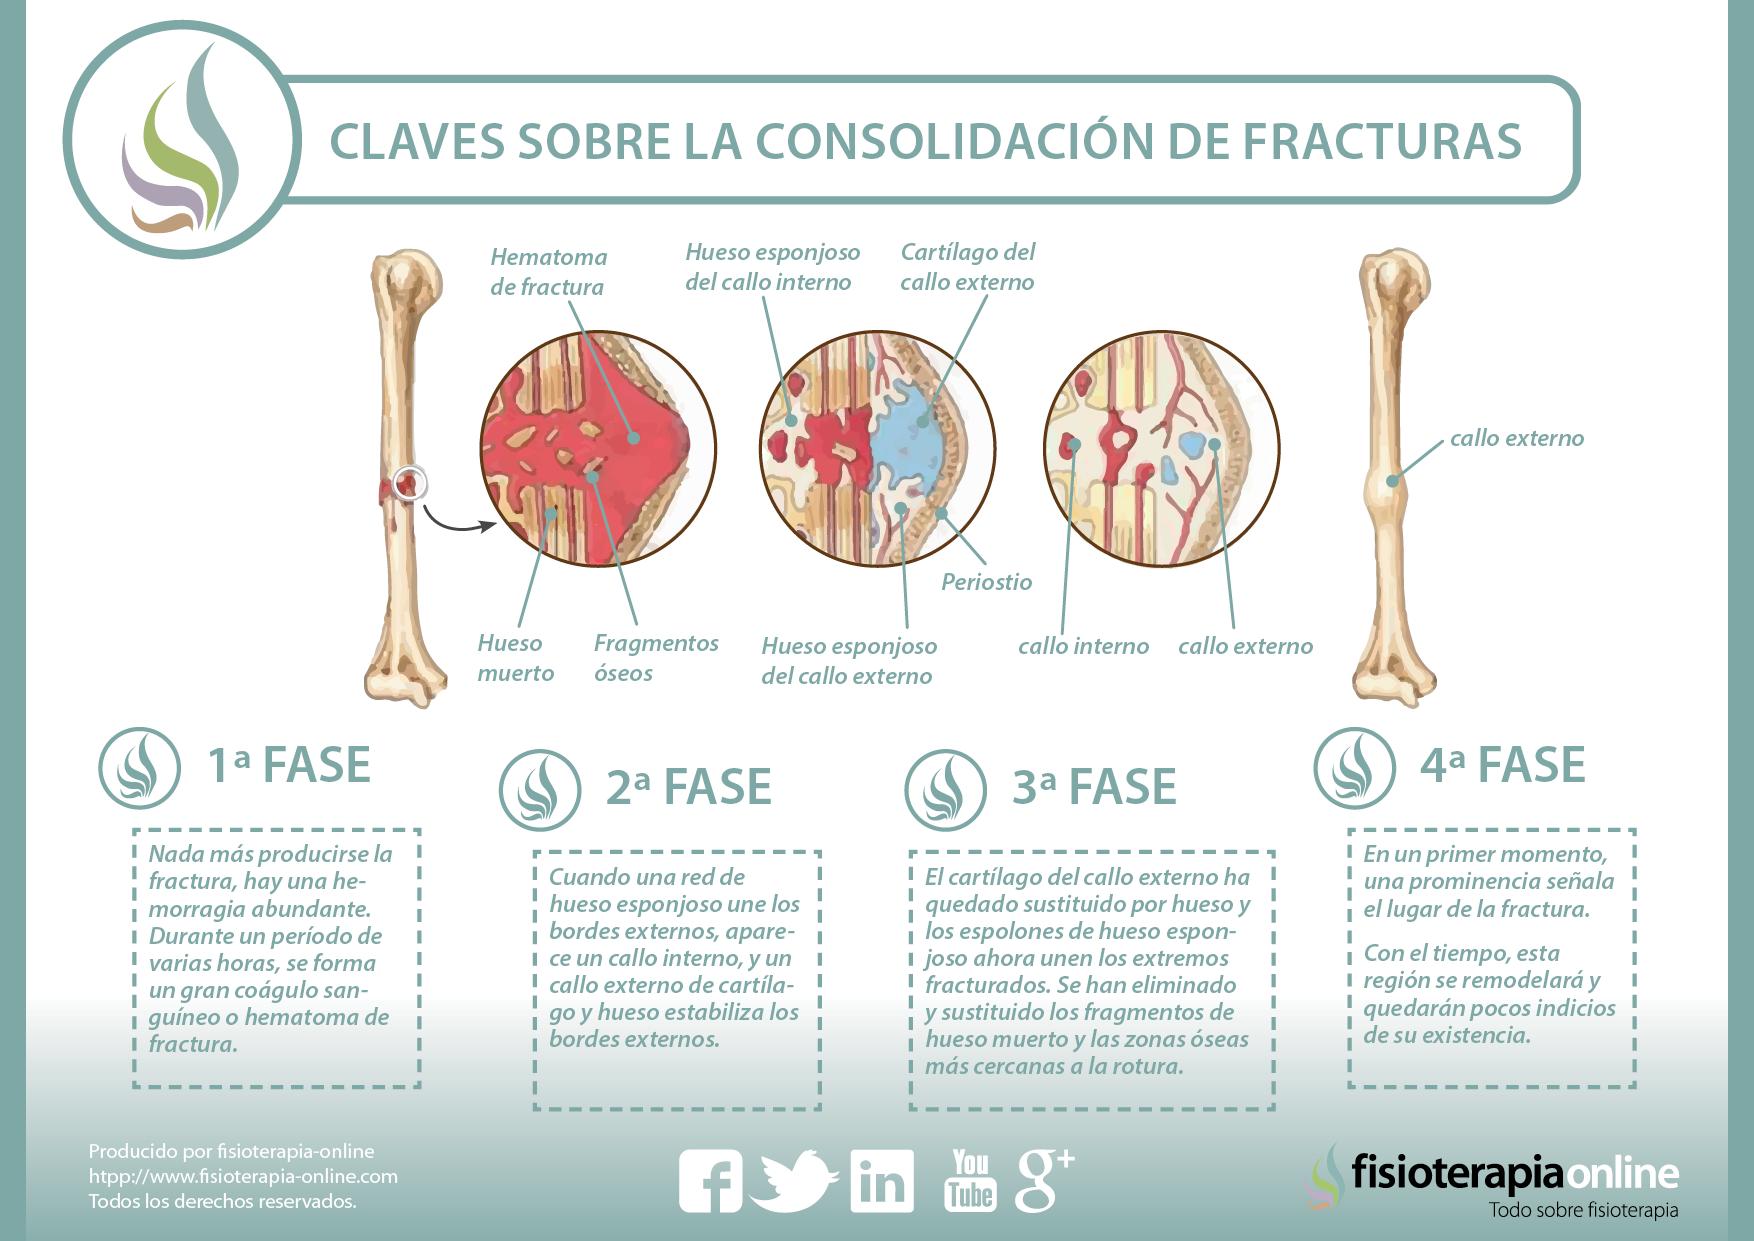 Recuperación y consolidación de las fracturas